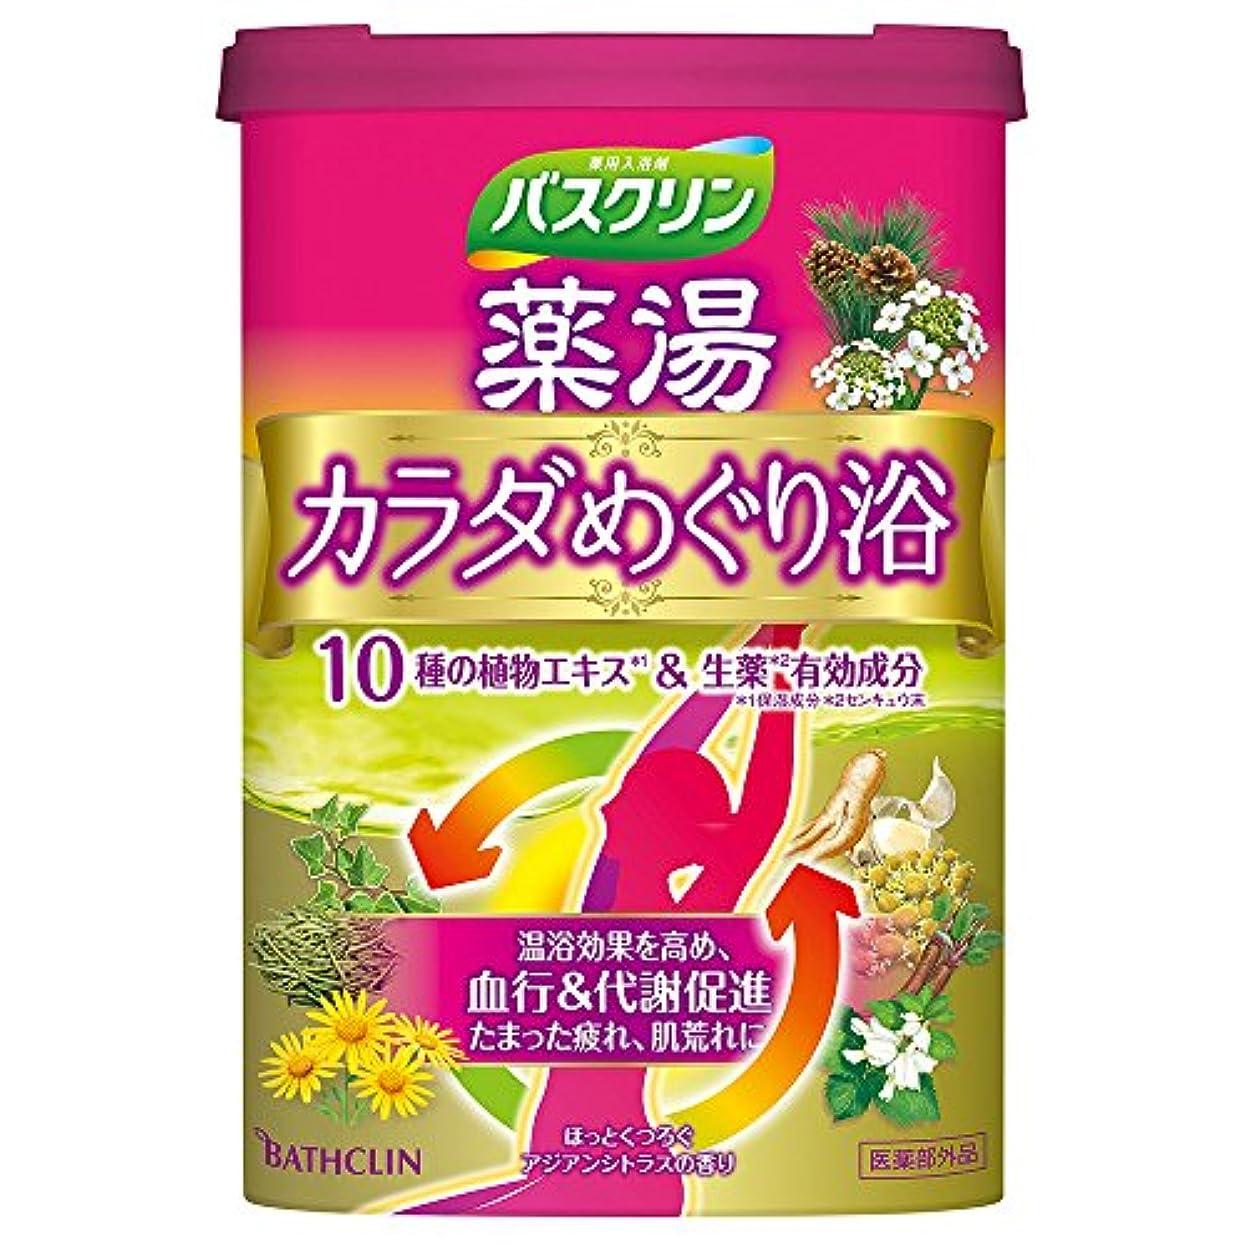 上昇速い繁殖バスクリン薬湯 カラダめぐり浴 ほっとくつろぐアジアンシトラスの香り 600g 入浴剤 (医薬部外品)